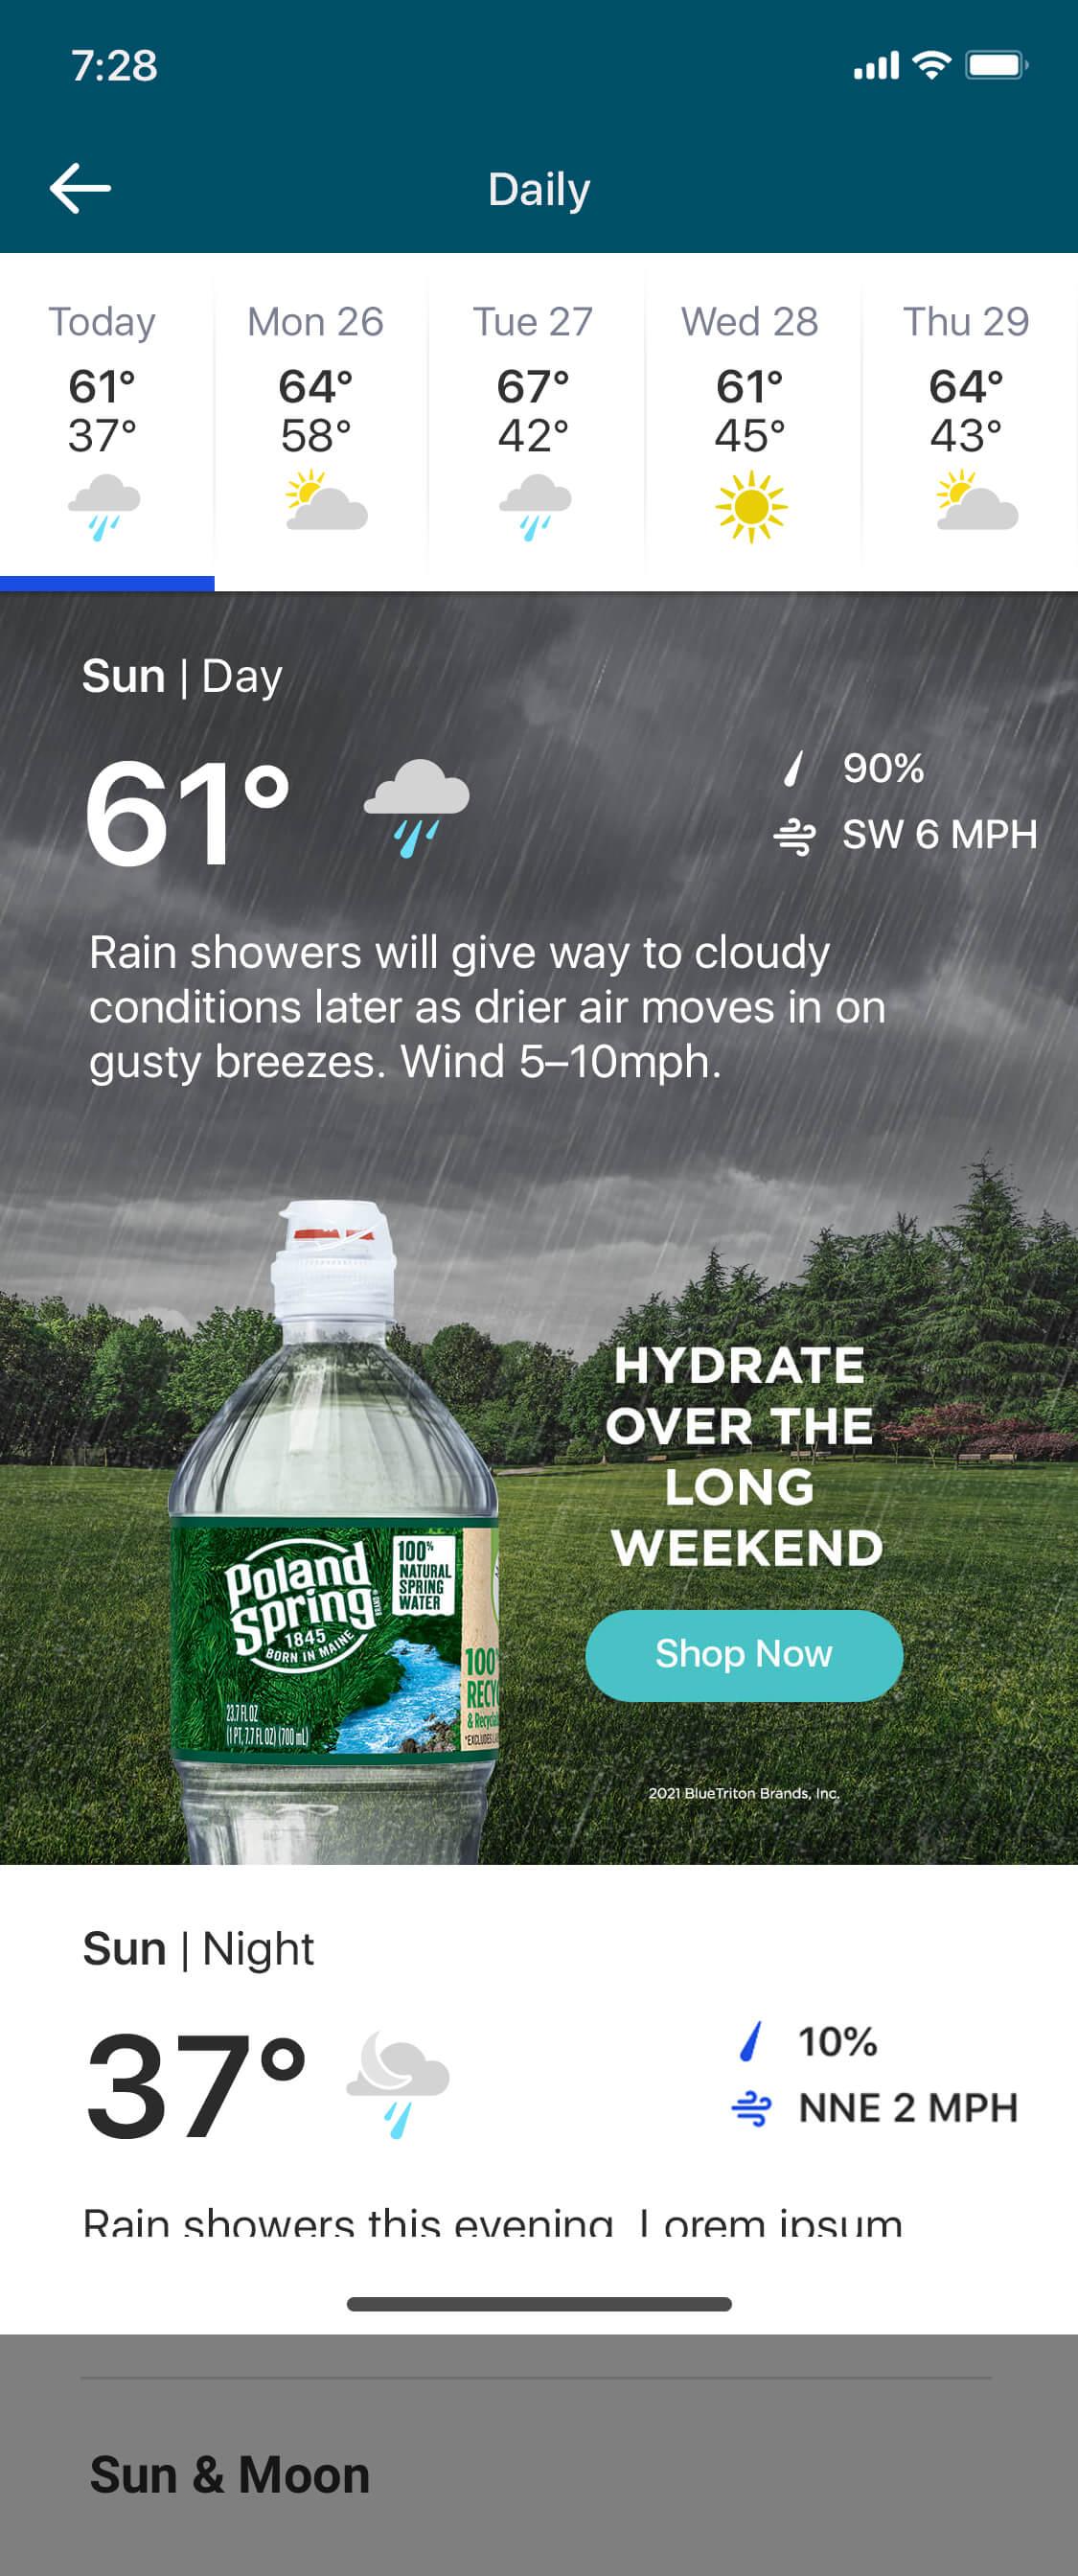 PS-Blue_Triton-Labor-Day-week_ahead-rain-d